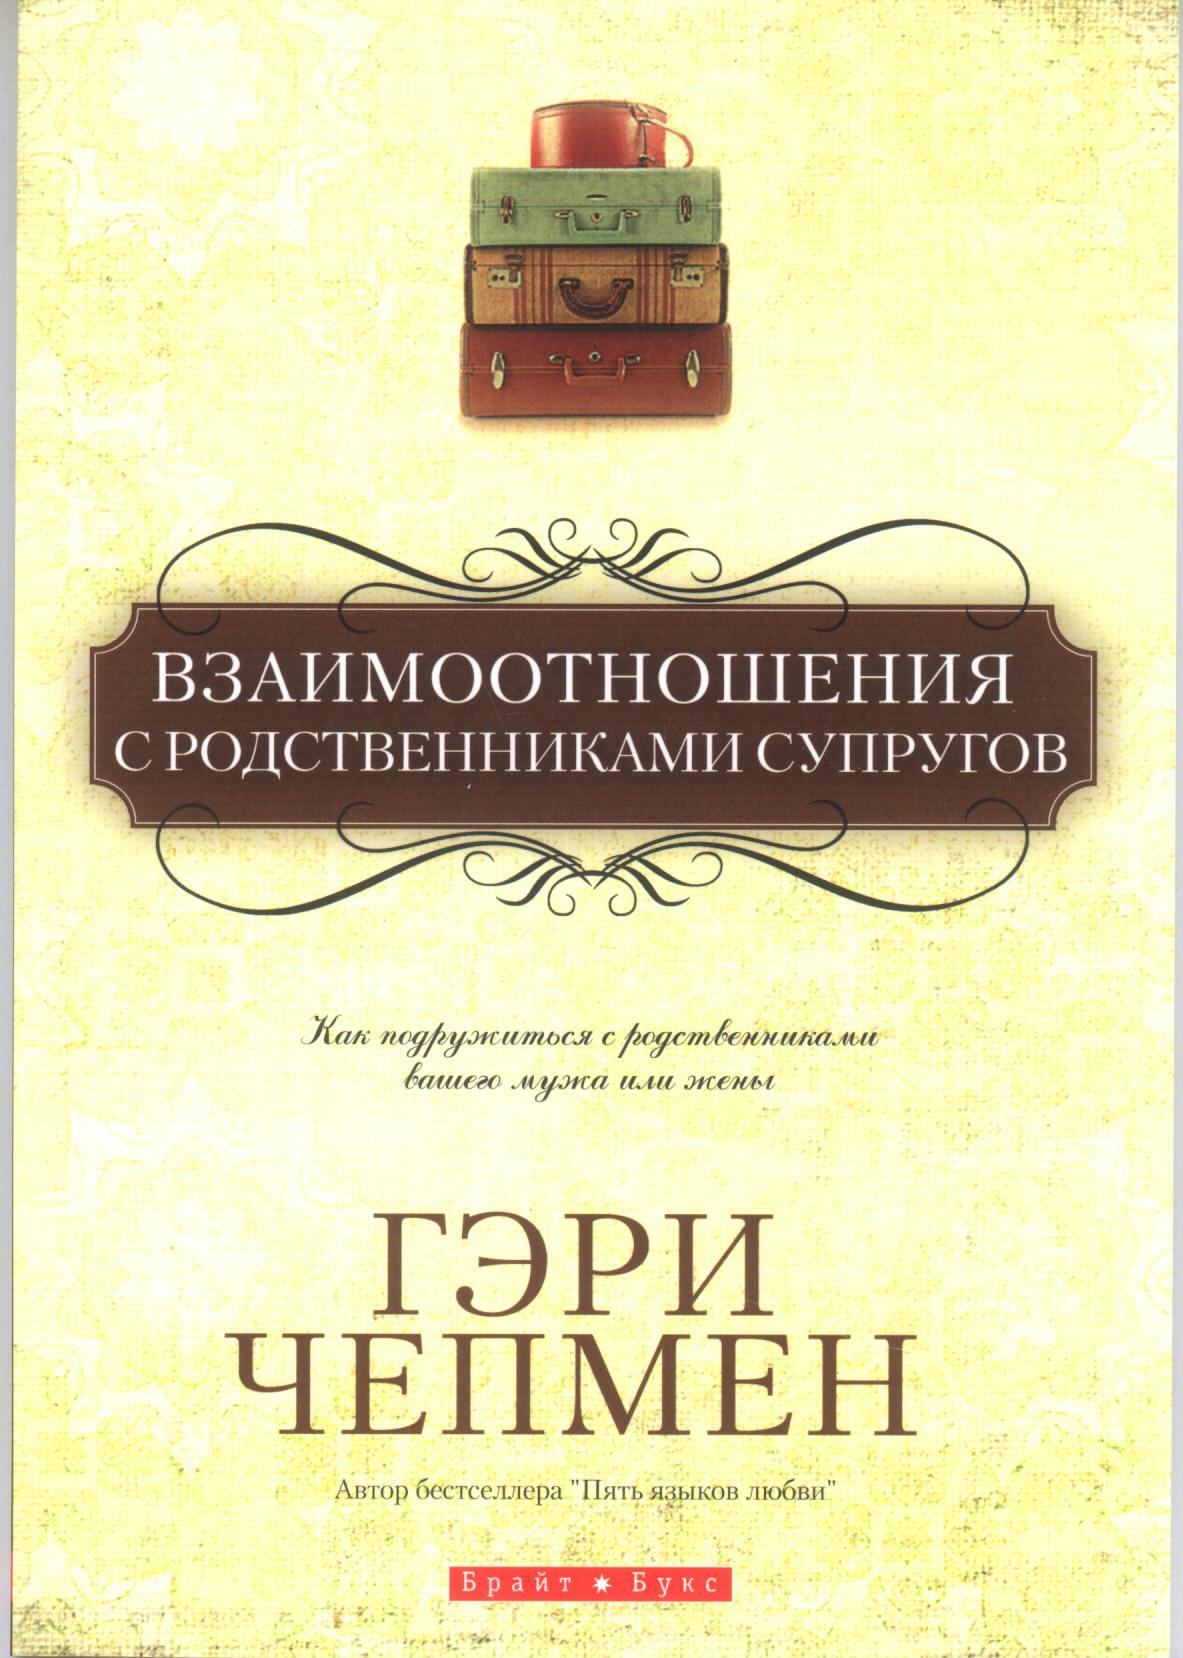 """Обложка книги """"Взаимоотношения с родственниками супругов"""""""